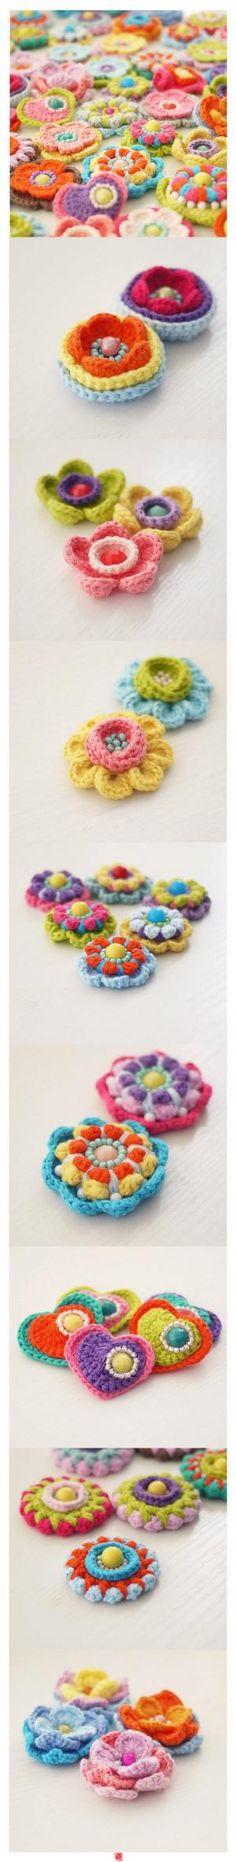 Crochet Flowers by Cyndyg